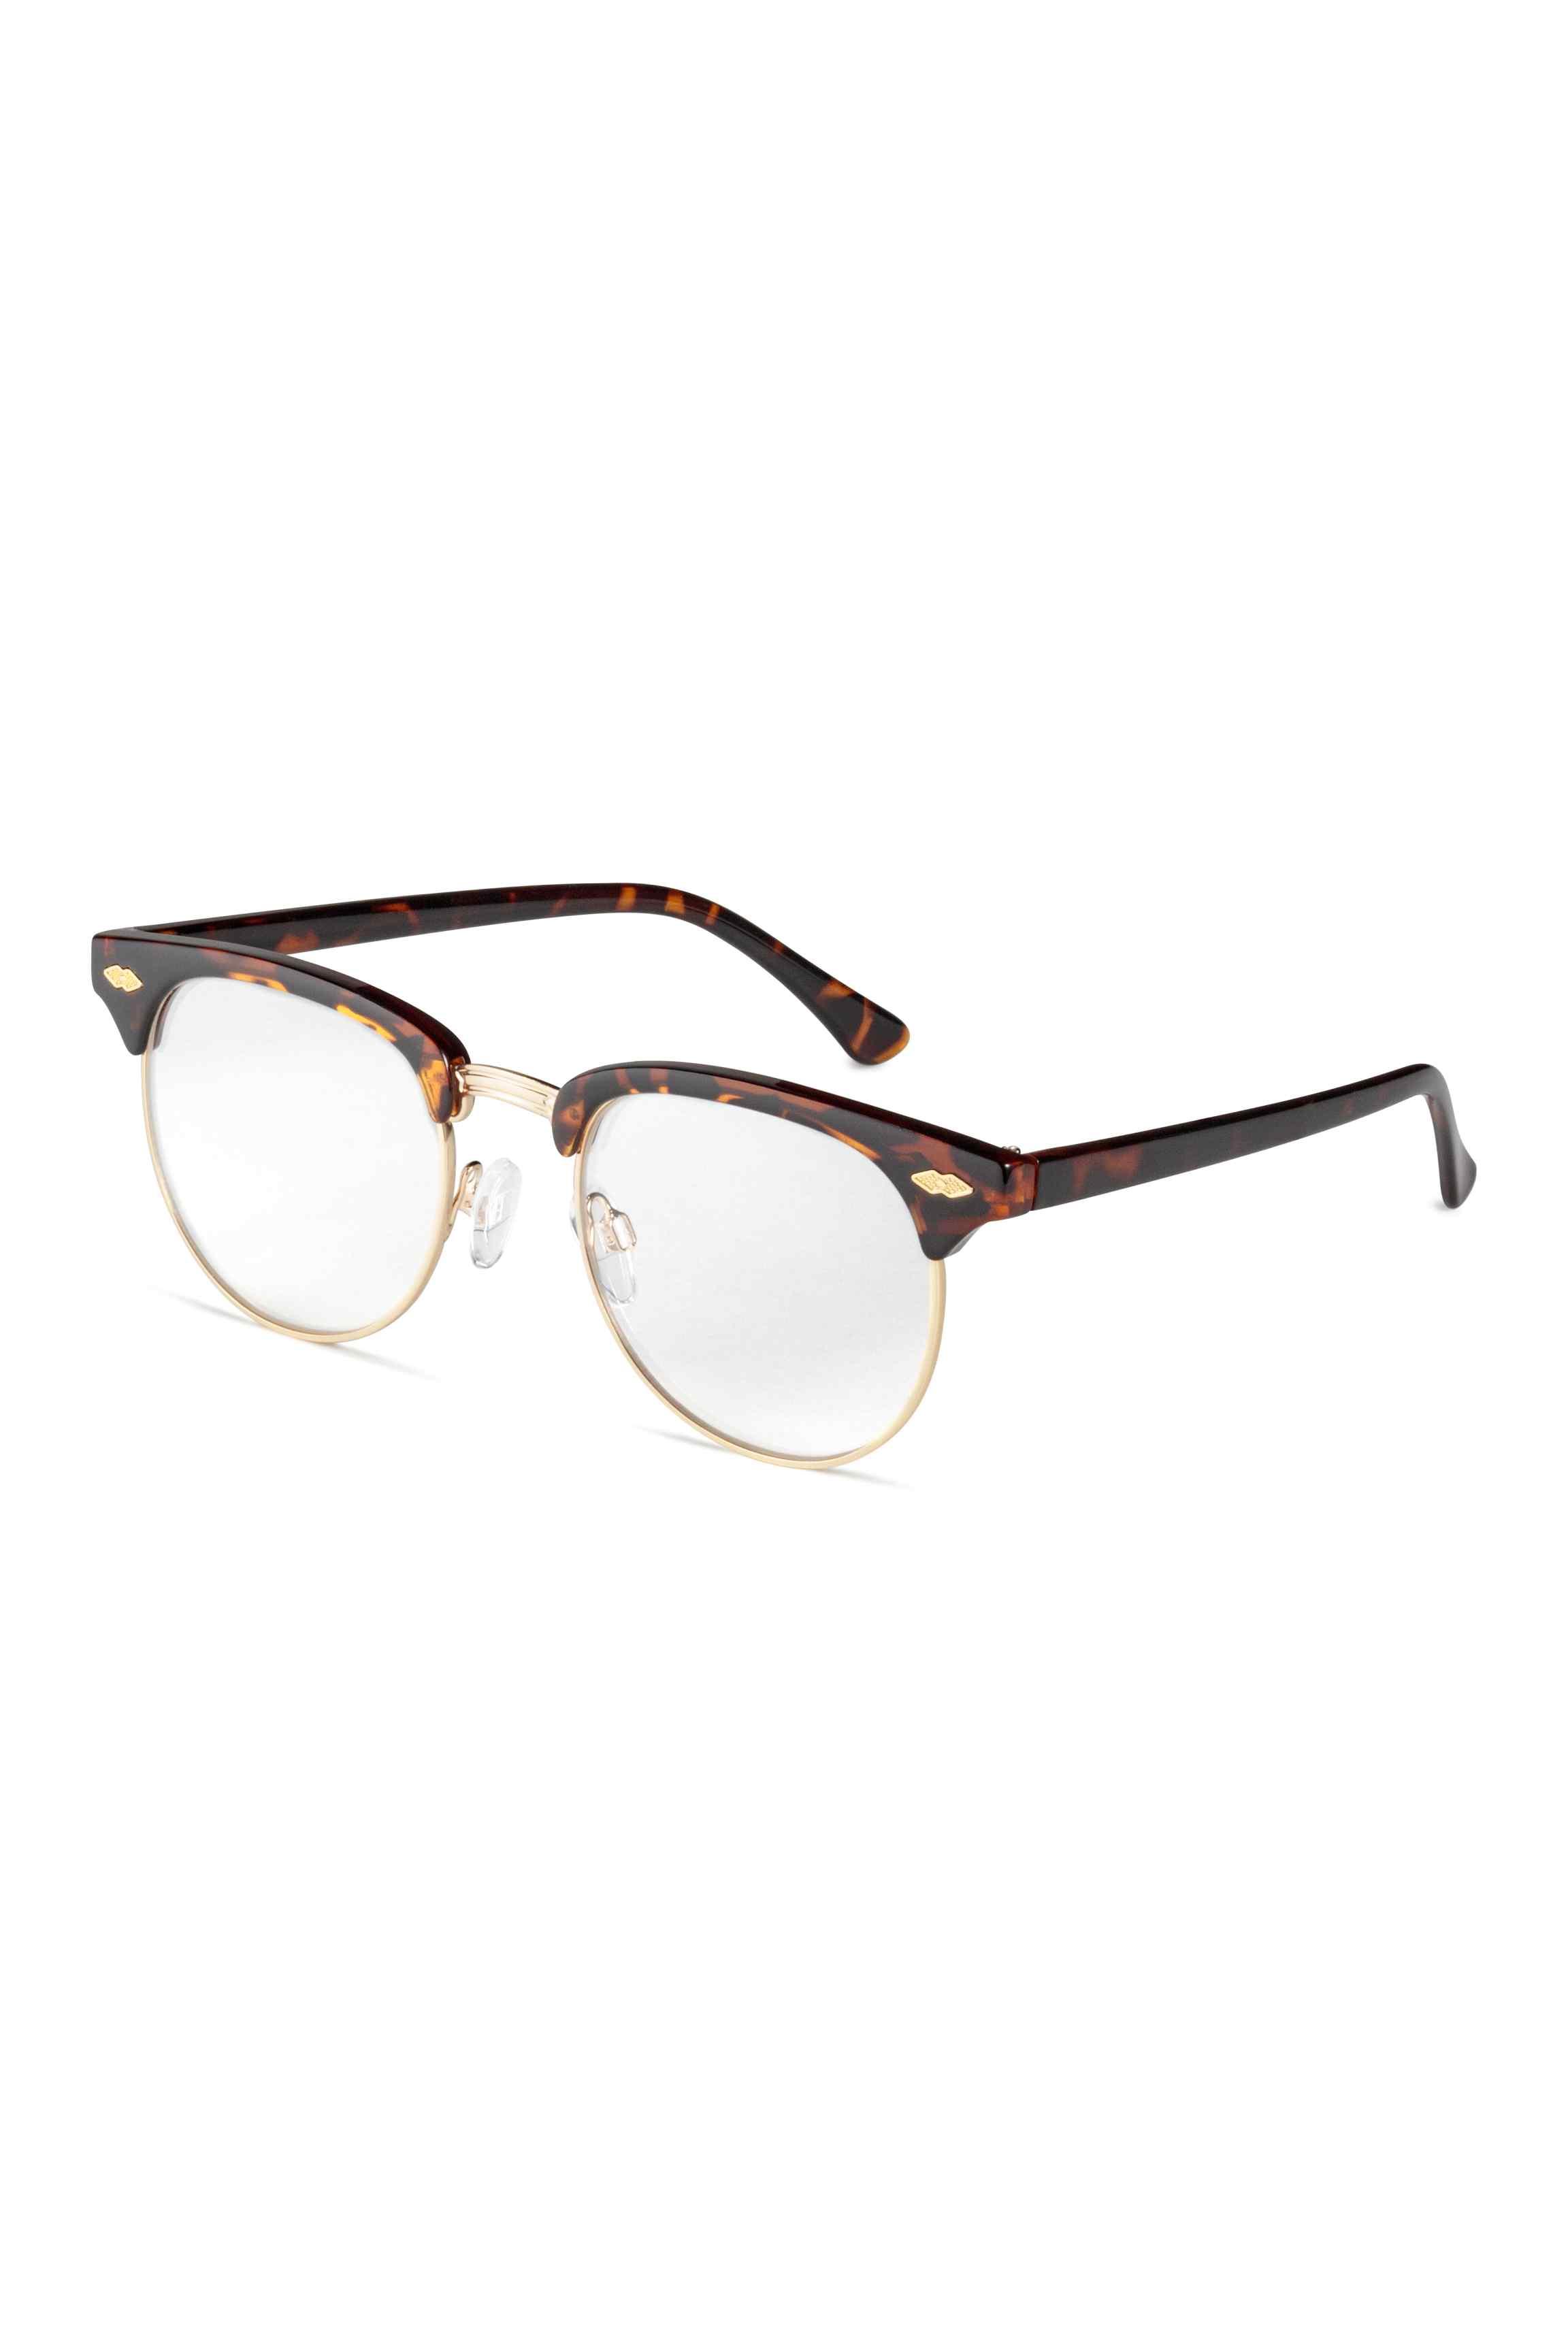 1. kép: Cirkás szemüveg H&M 2990 Ft